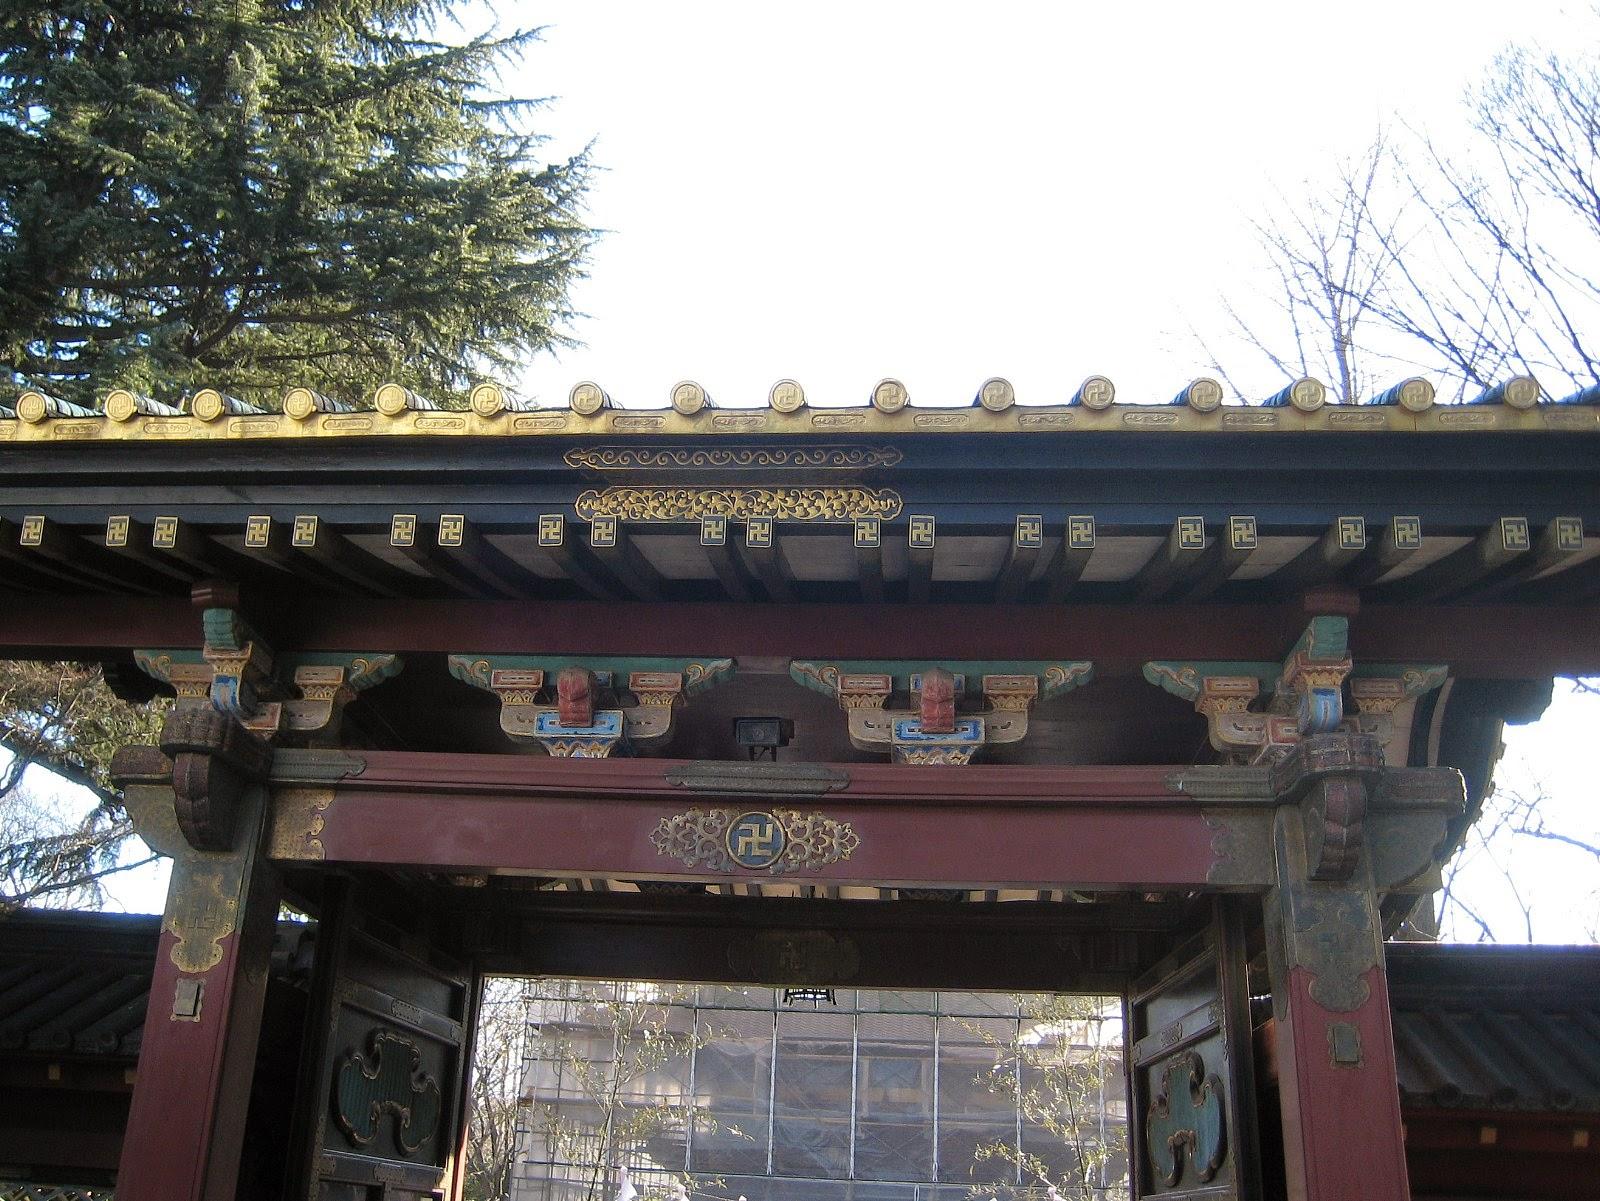 Photo: 根津神社(東京都文京区) By inagara (CC BY 2.0)  『昭和怪盗傳』 http://inagara.octsky.net/shouwa-kaitouden